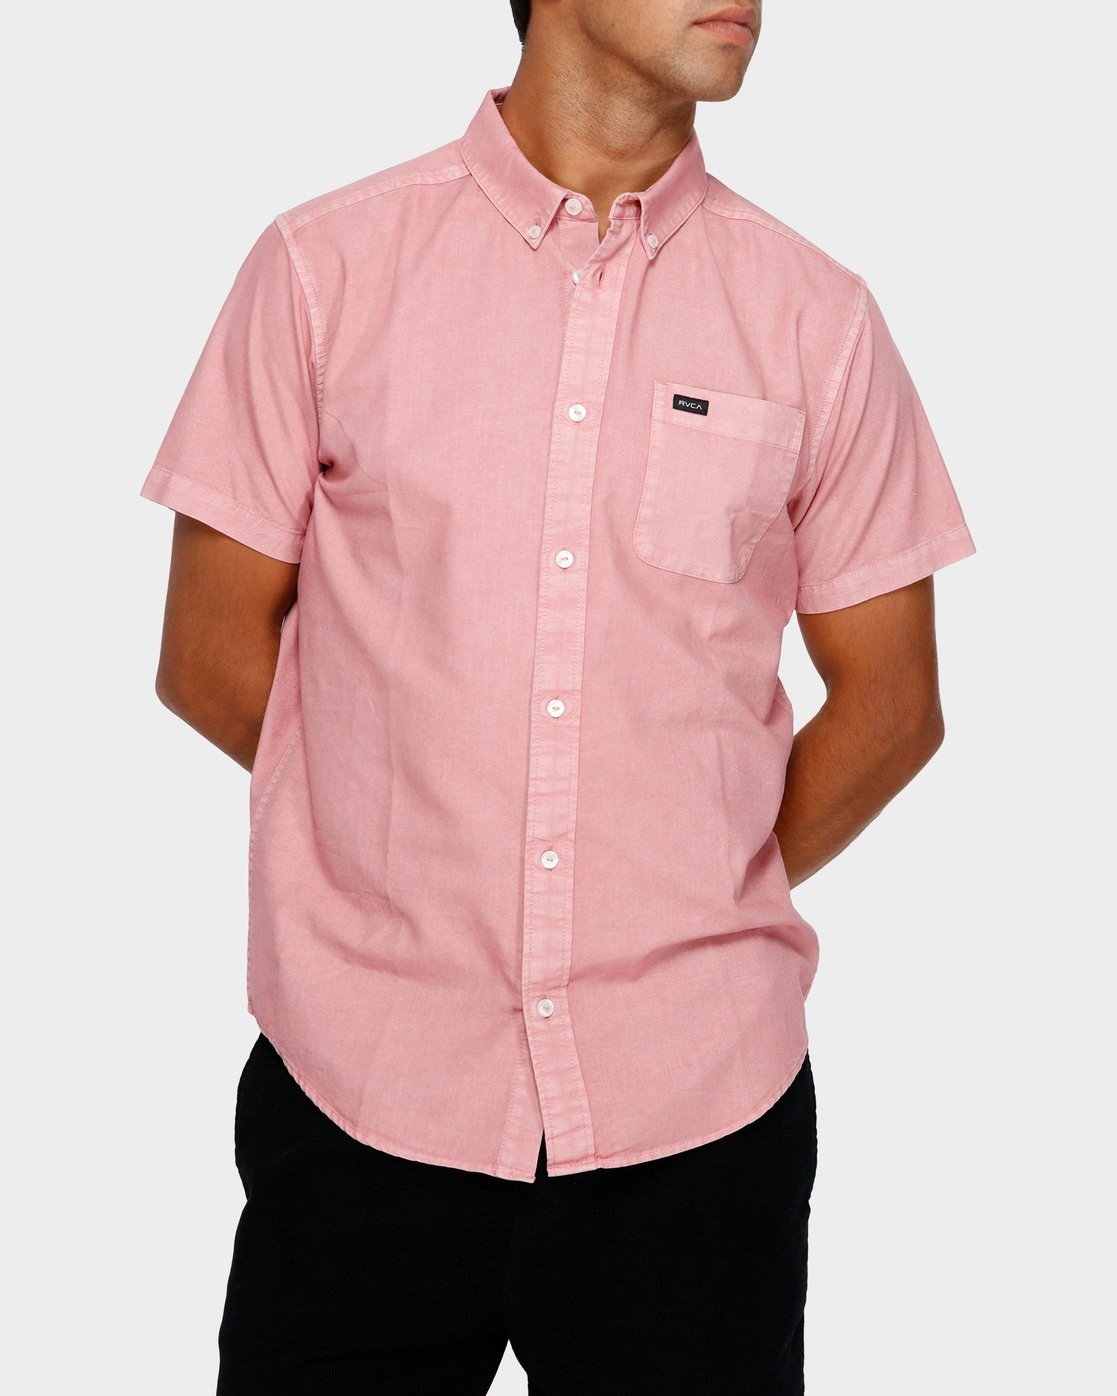 0 Thatll Butter Short Sleeve Pink R391183 RVCA